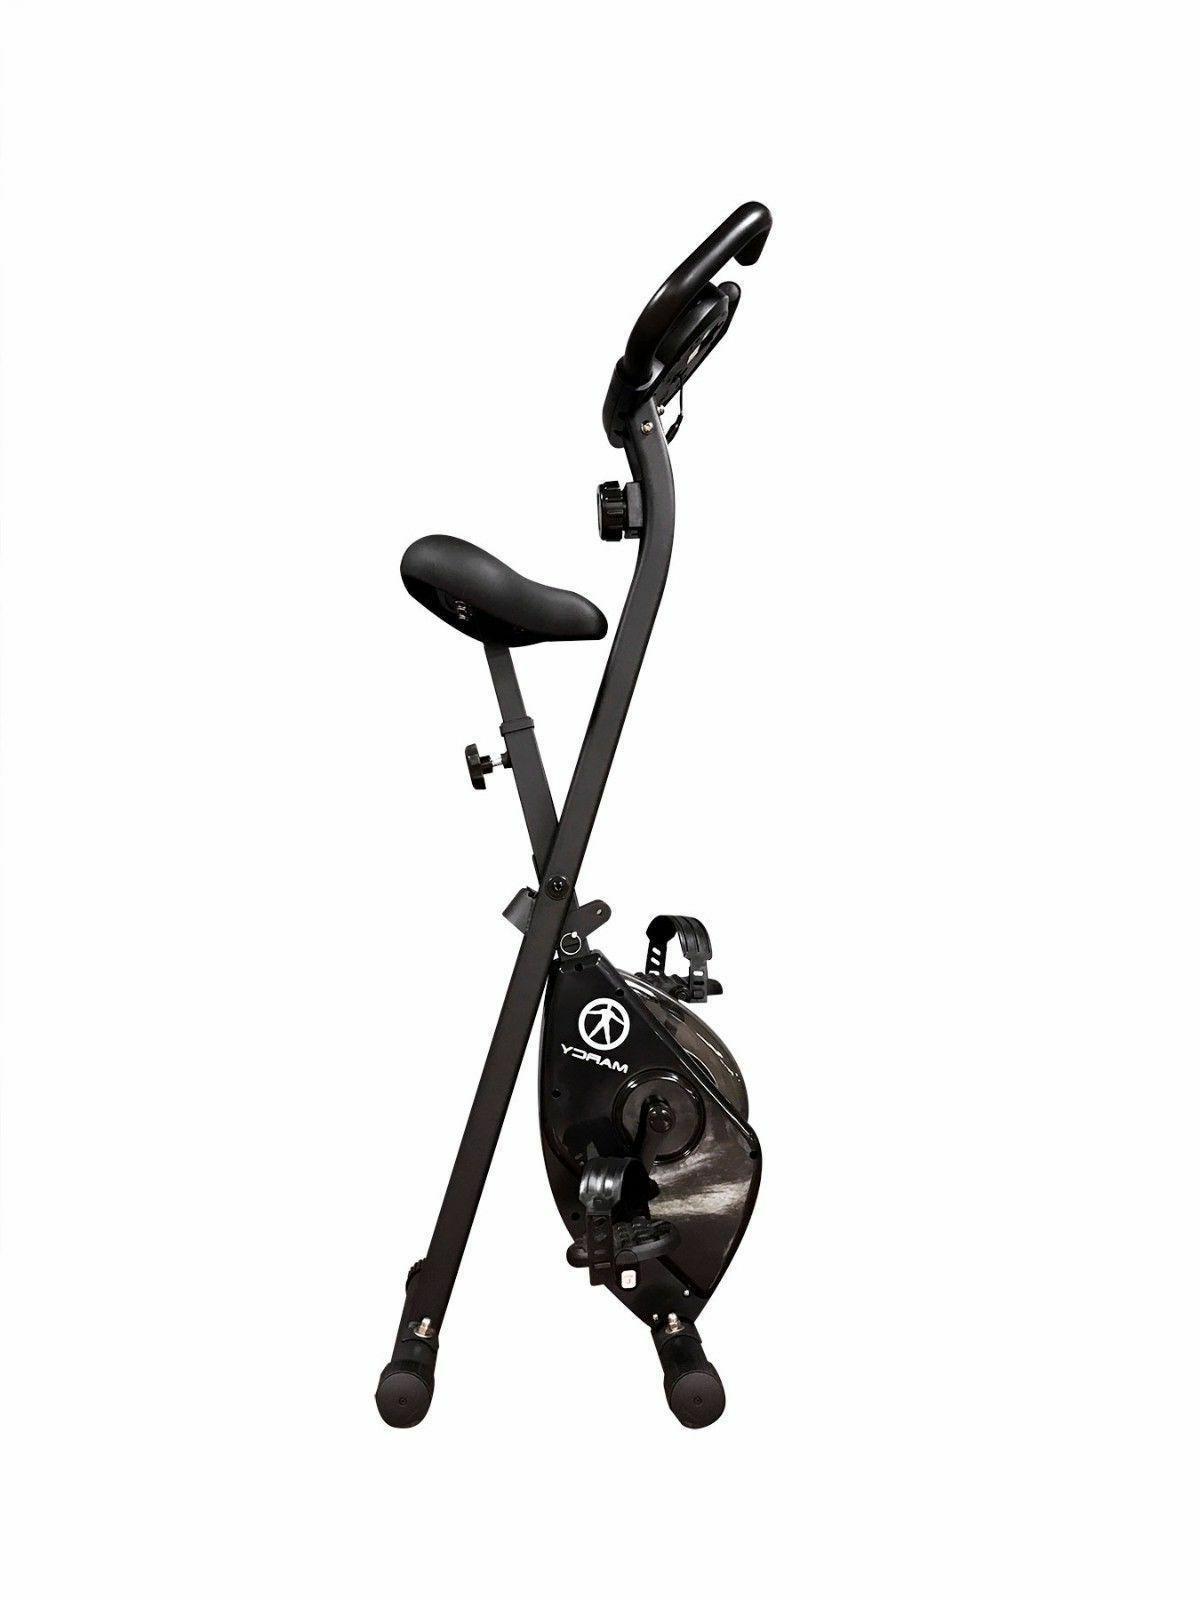 Marcy Foldable Upright Exercise Bike | NS-654 Stationary